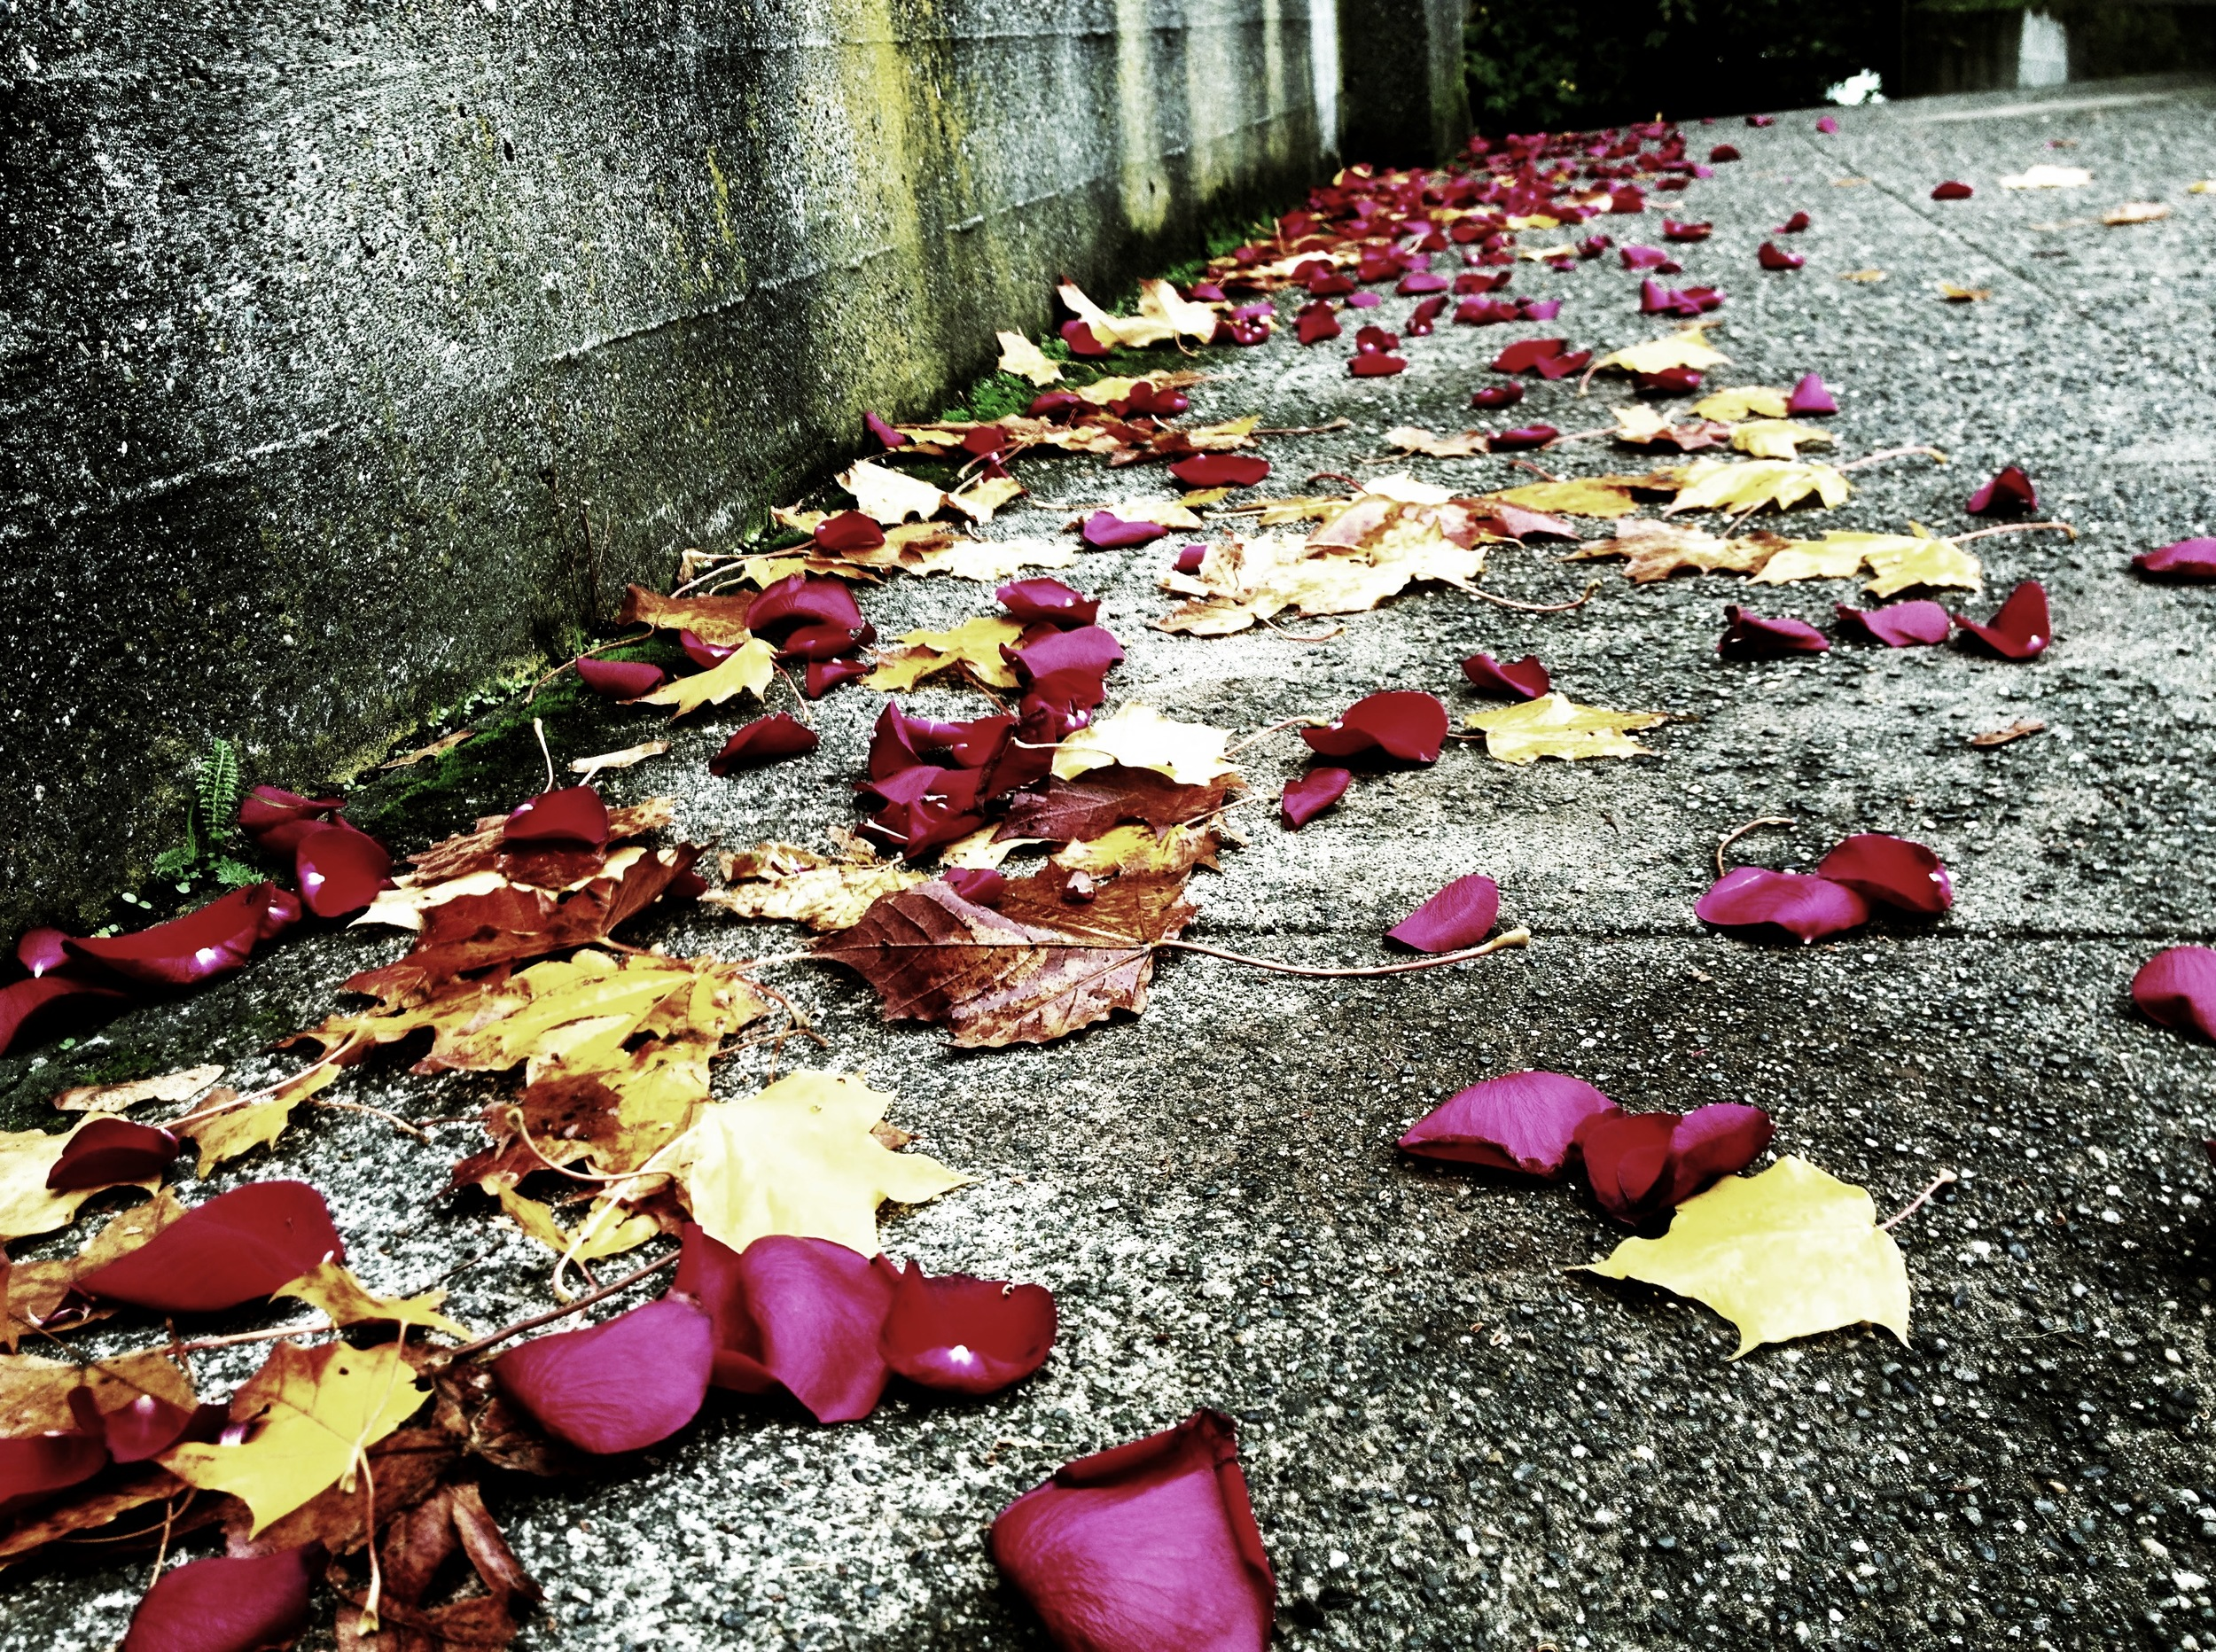 images : Chloë Rain